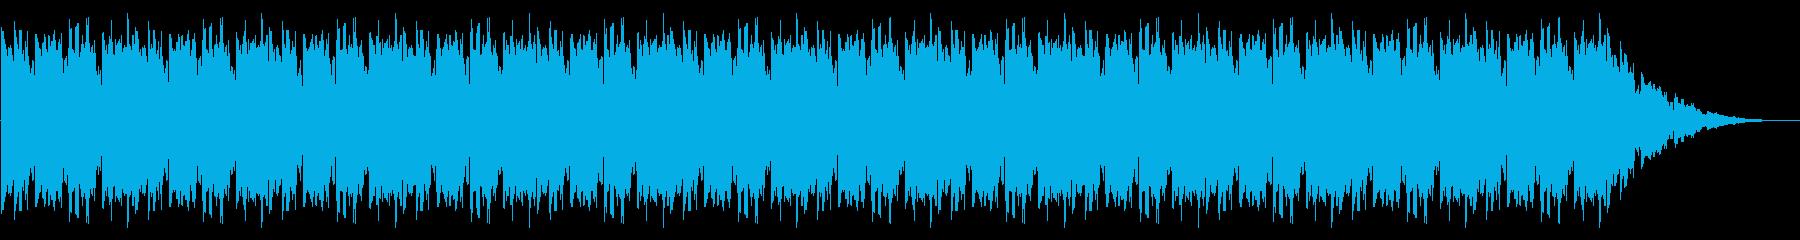 GB風対戦格闘ゲームのコンティニュー曲の再生済みの波形